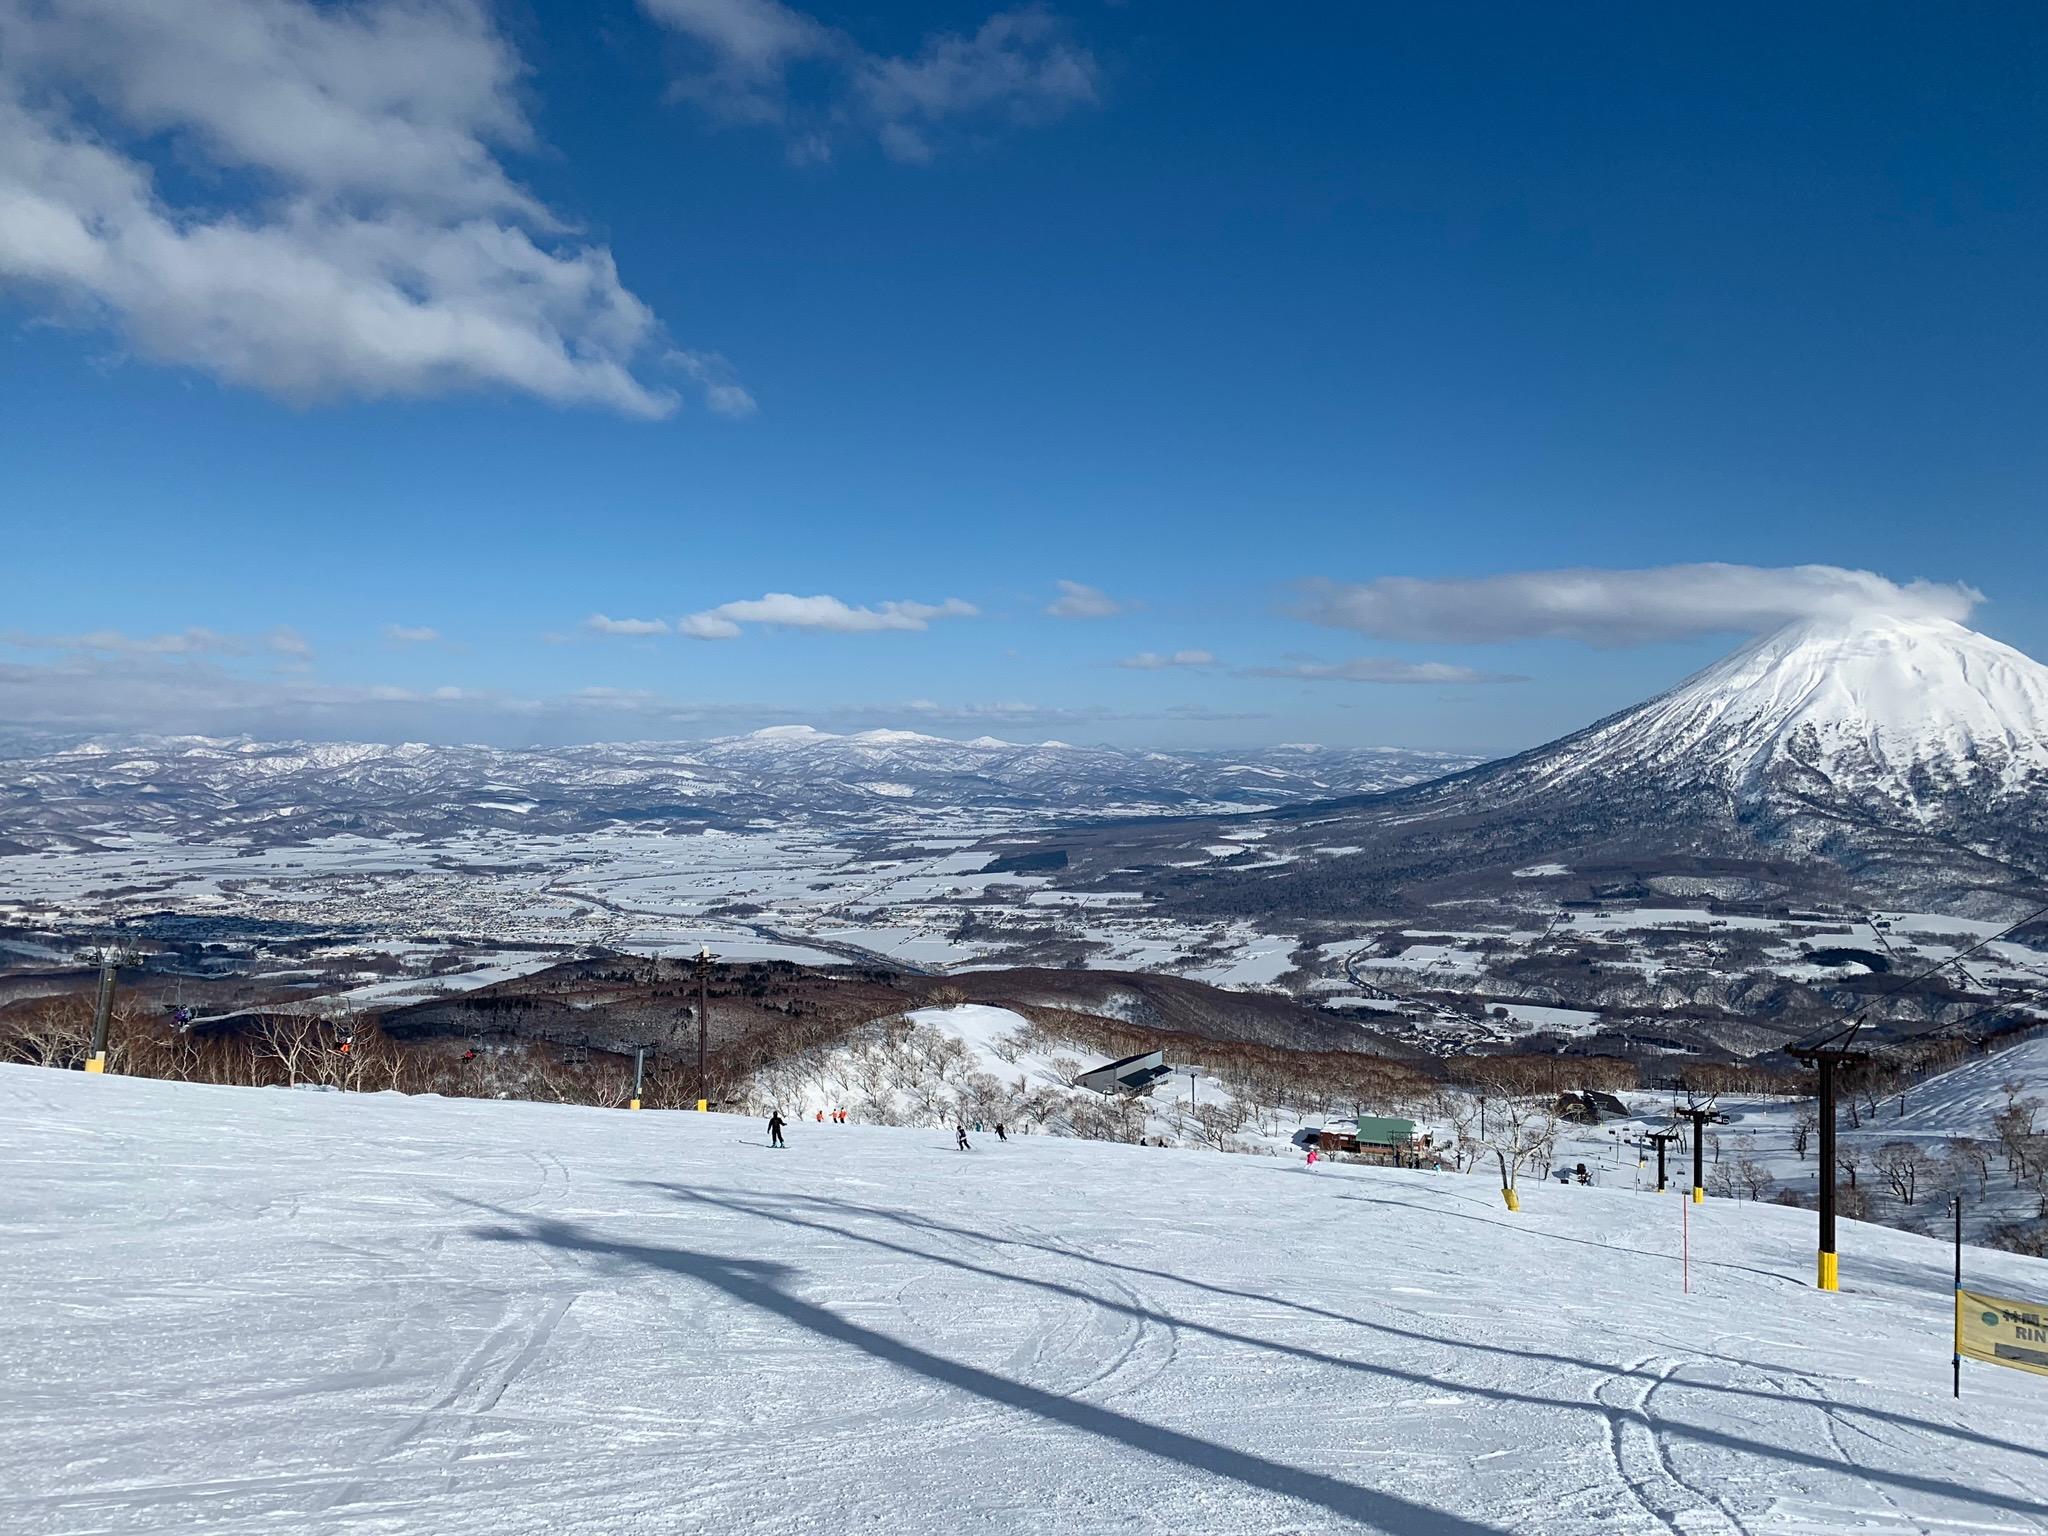 Ski slope@